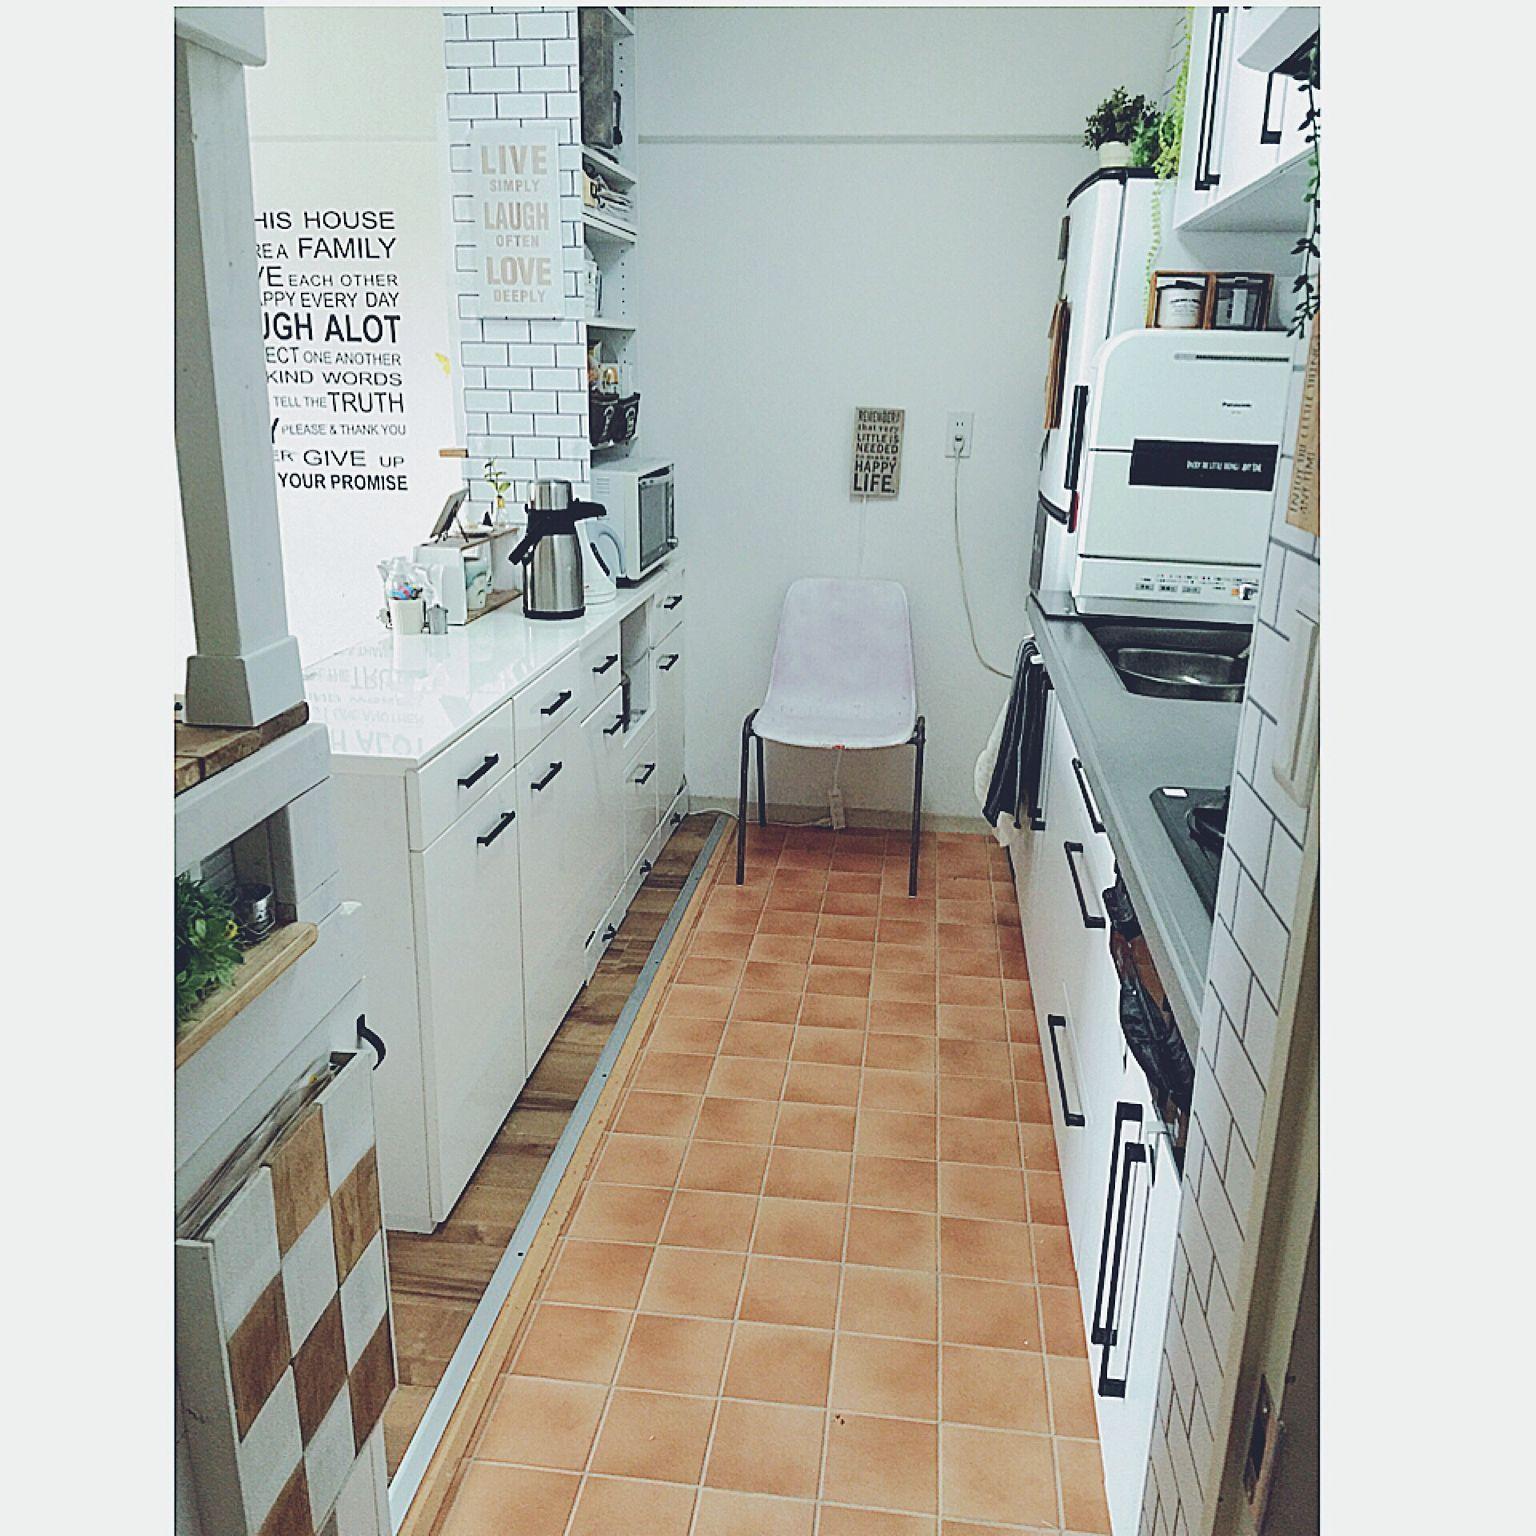 Diy テラコッタ風クッションフロアのインテリア実例 Roomclip Kitchen ウォールステッカー Diy ニトリ セリア キッチン カウンター クッションフロア クッションフロア Diy フロア インテリア